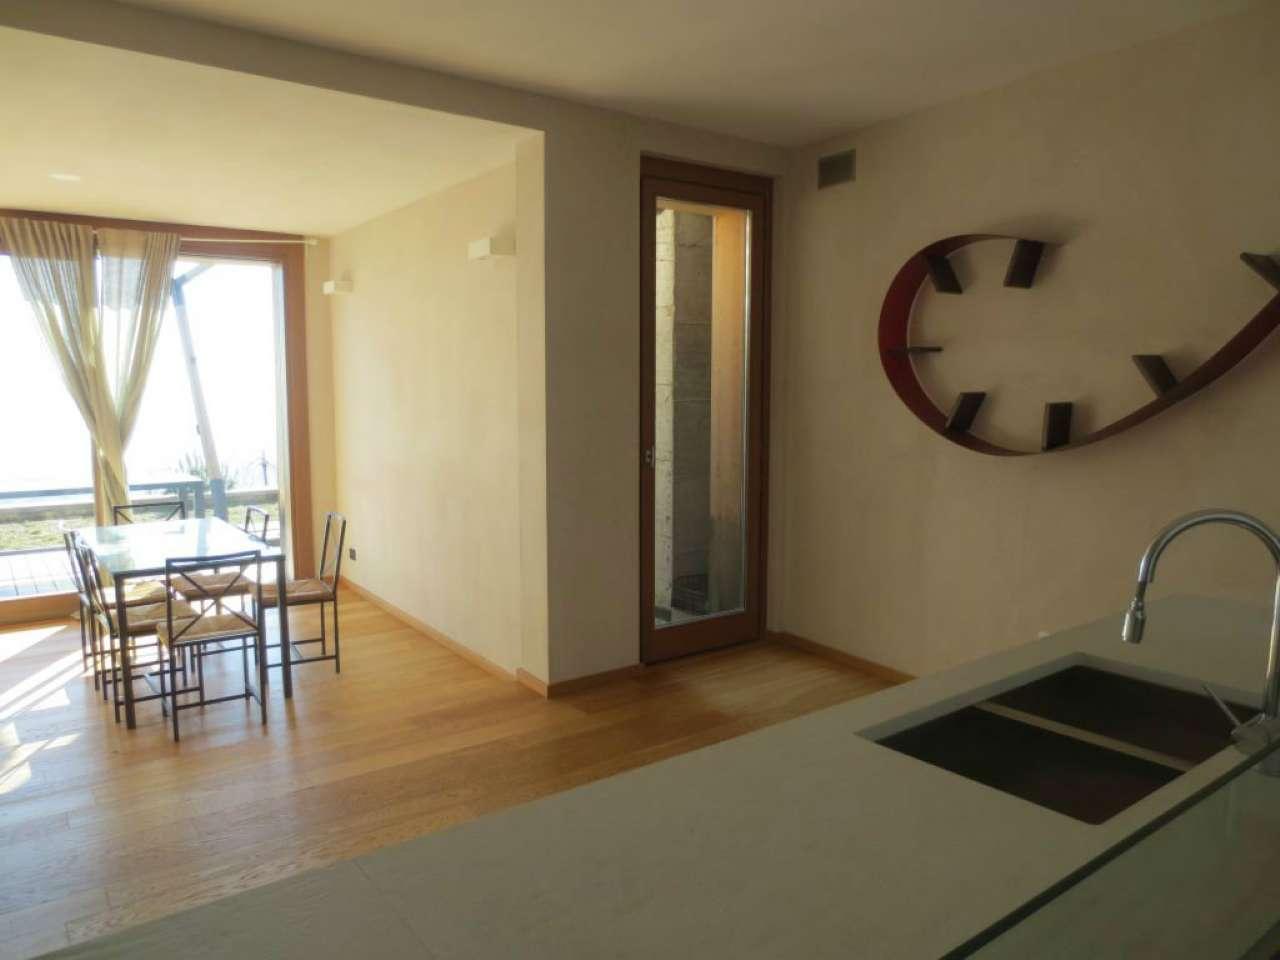 Villa in affitto a Moncalieri, 7 locali, prezzo € 2.000 | CambioCasa.it